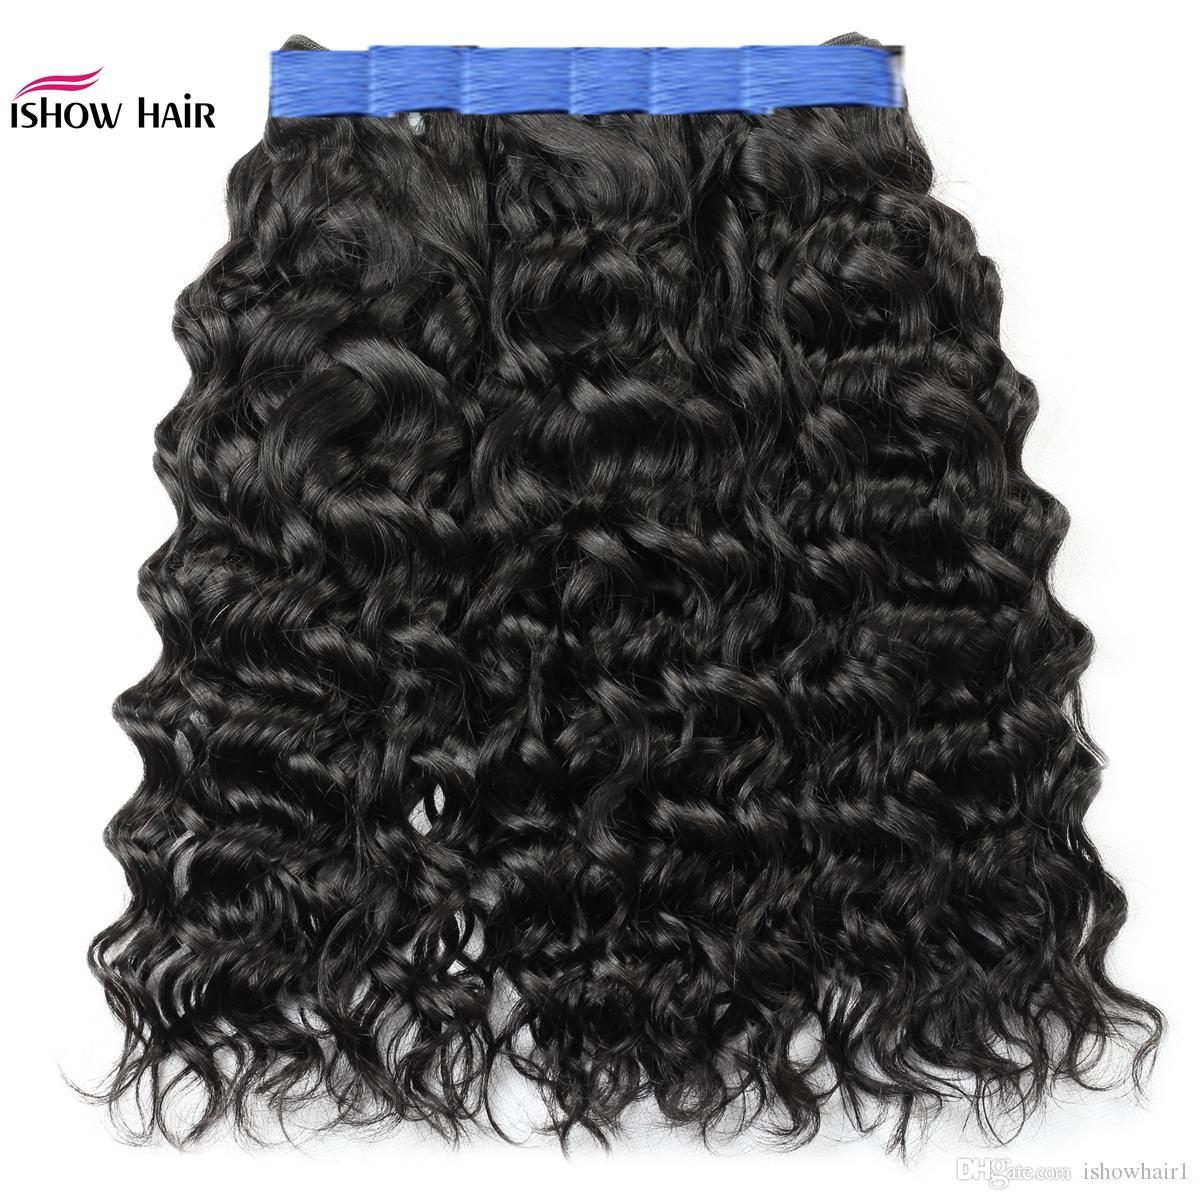 이스 어 10A 인도 레미 인간의 머리카락 묶음 Weft Extensions 브라질 워터 웨이브 3/4 PC는 여성을위한 변태 곱슬 느슨한 깊은 몸을 다룹니다. 자연 색깔